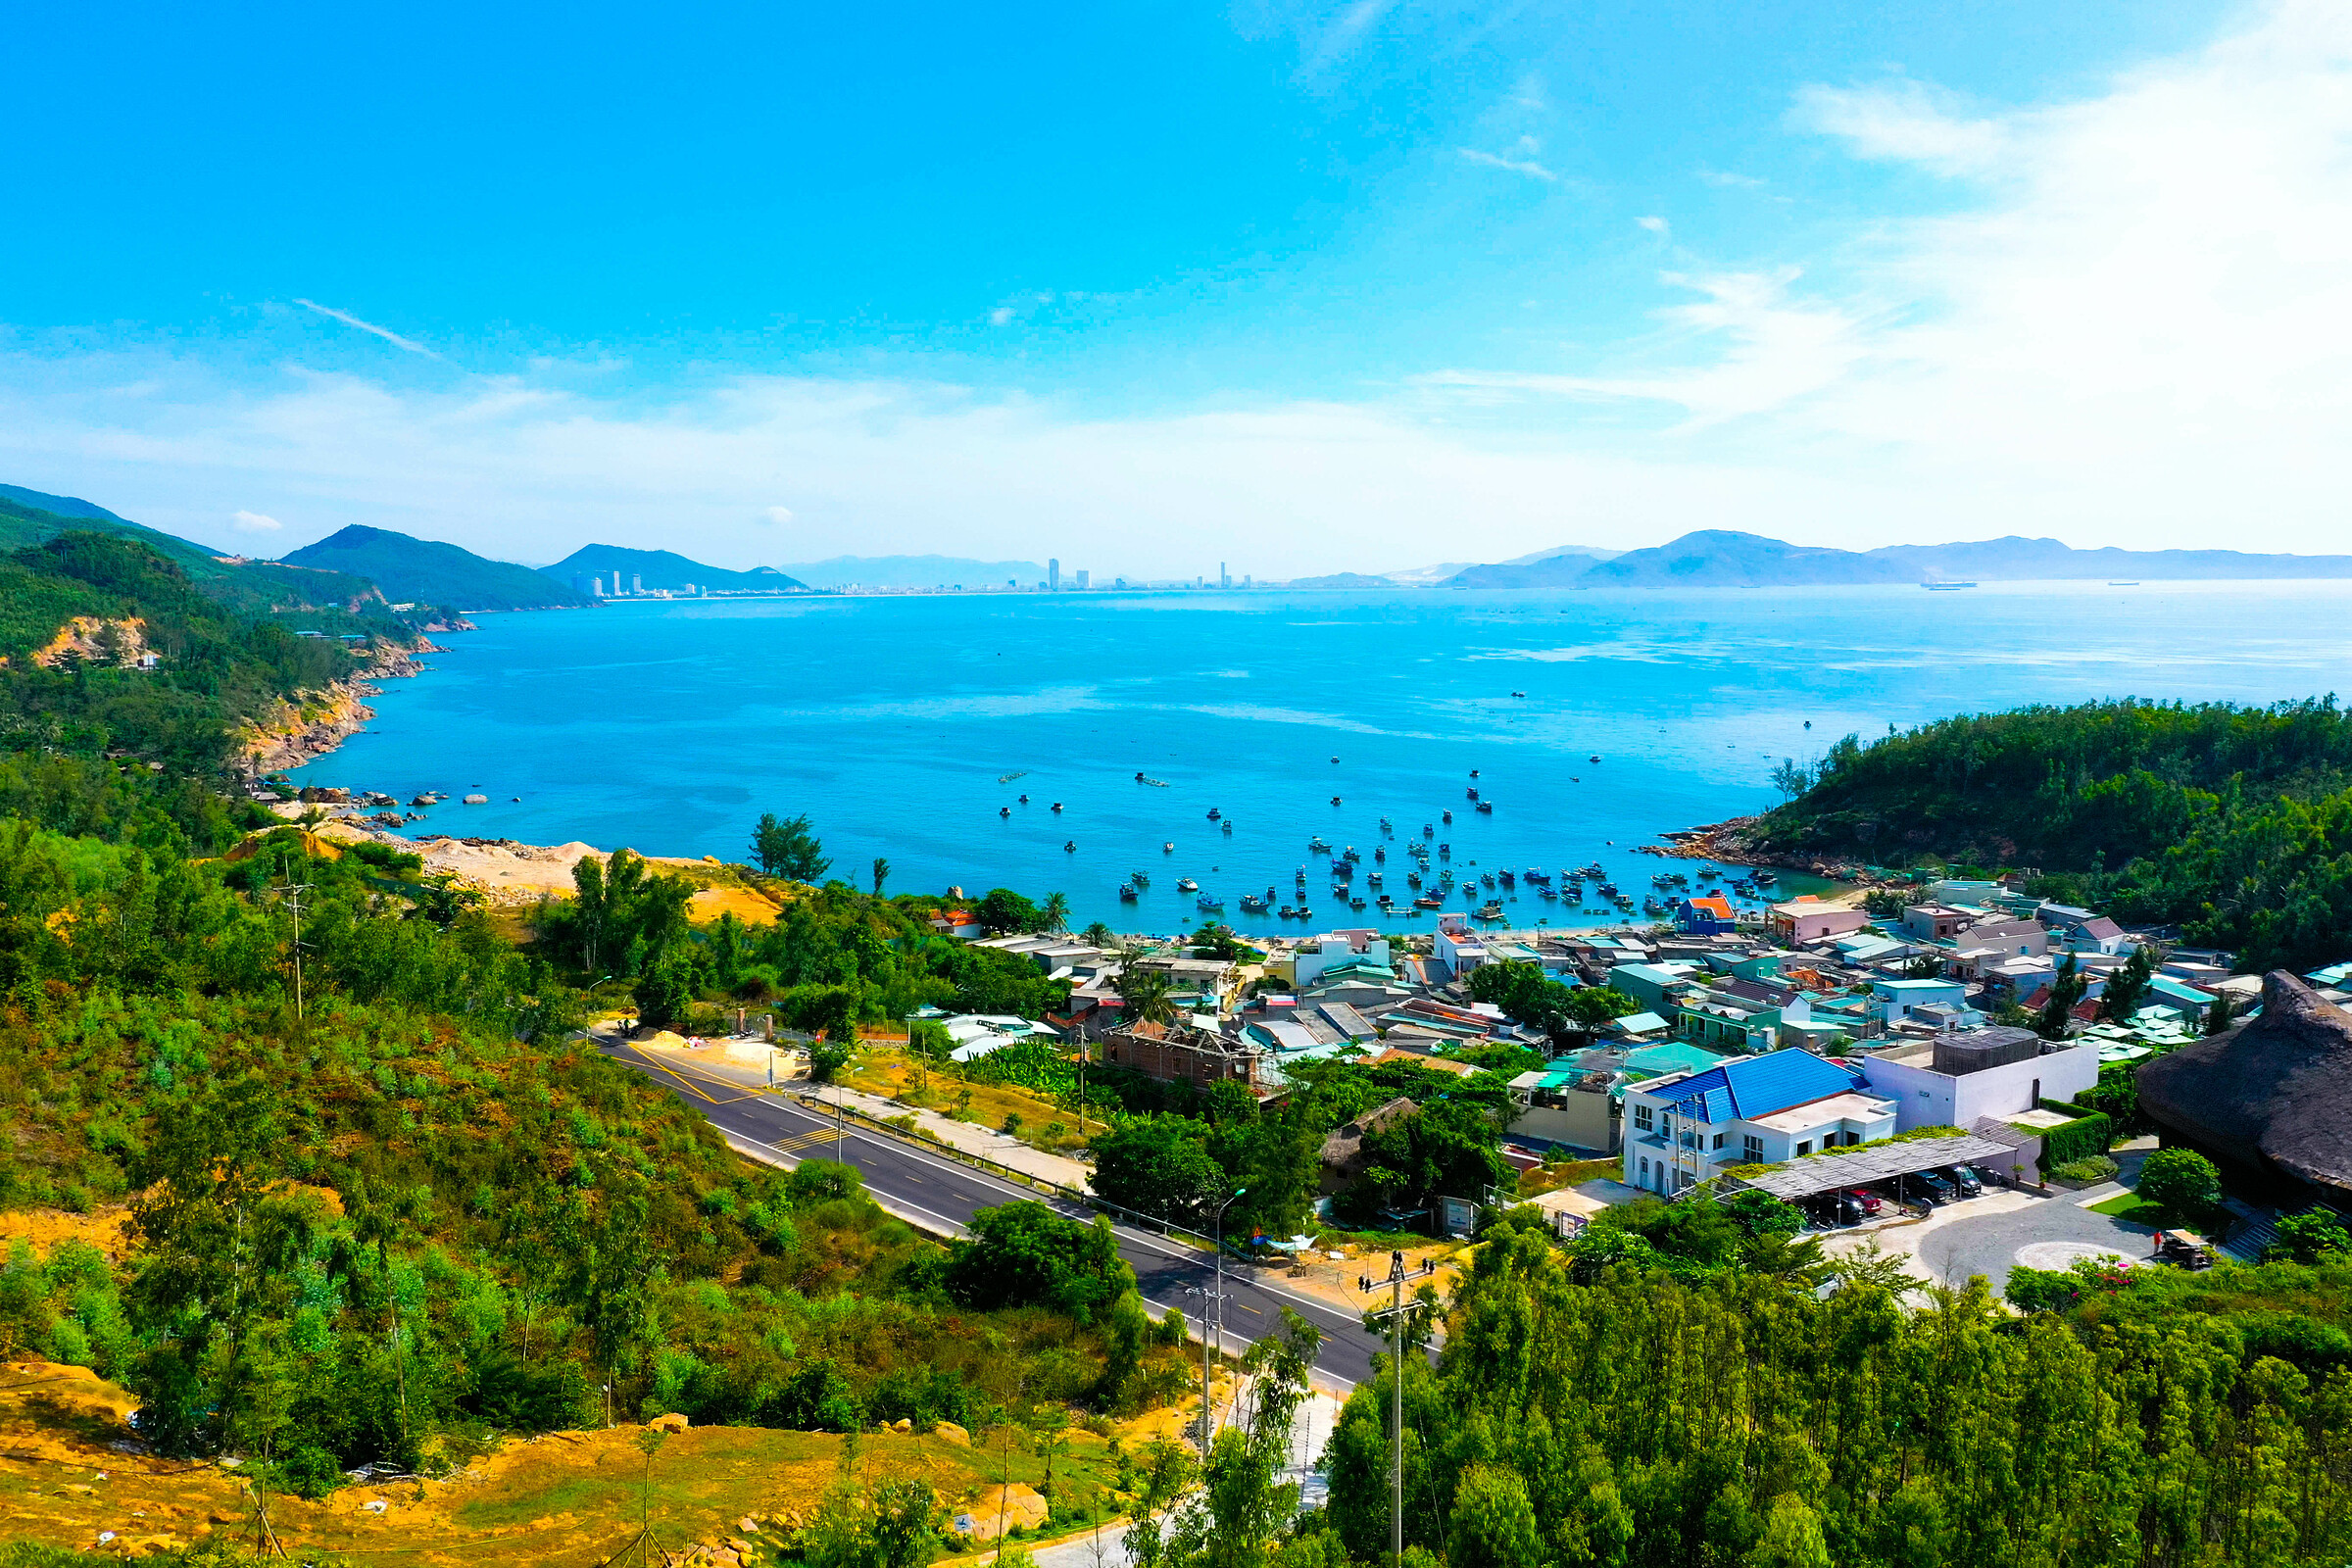 Sở hữu cảnh quan thiên nhiên vùng biển nhiệt đới ấm áp, tươi đẹp, Quy Nhơn (Bình Định) là lựa chọn nghỉ dưỡng phù hợp xu thế. Ảnh: BCG Land.